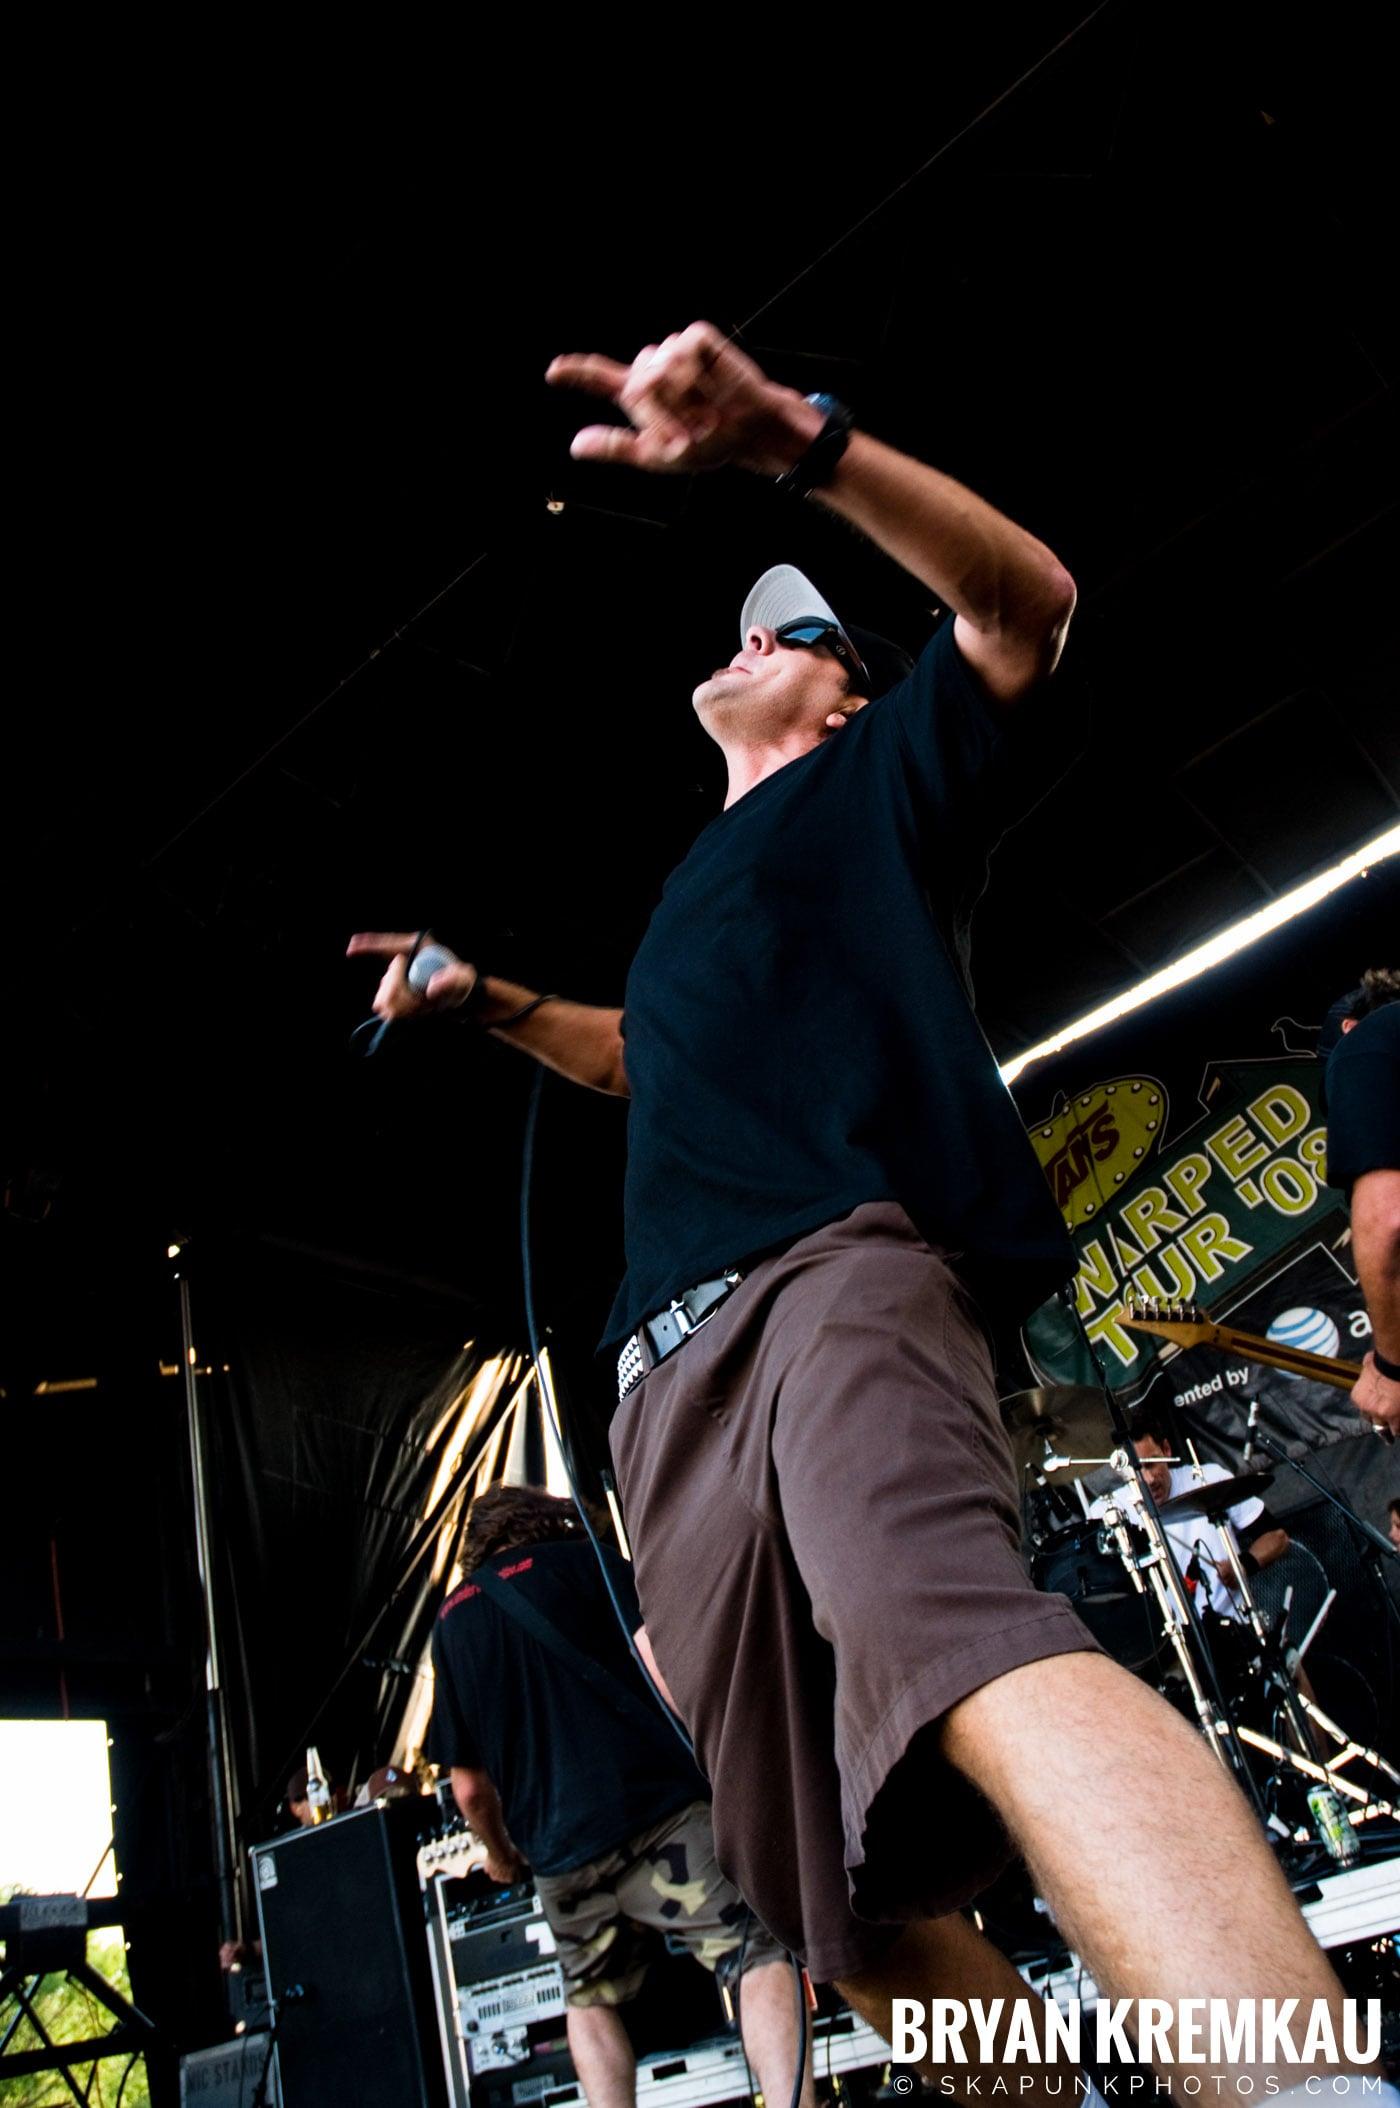 Pennywise @ Warped Tour 08, Scranton PA - 7.27.08 (3)